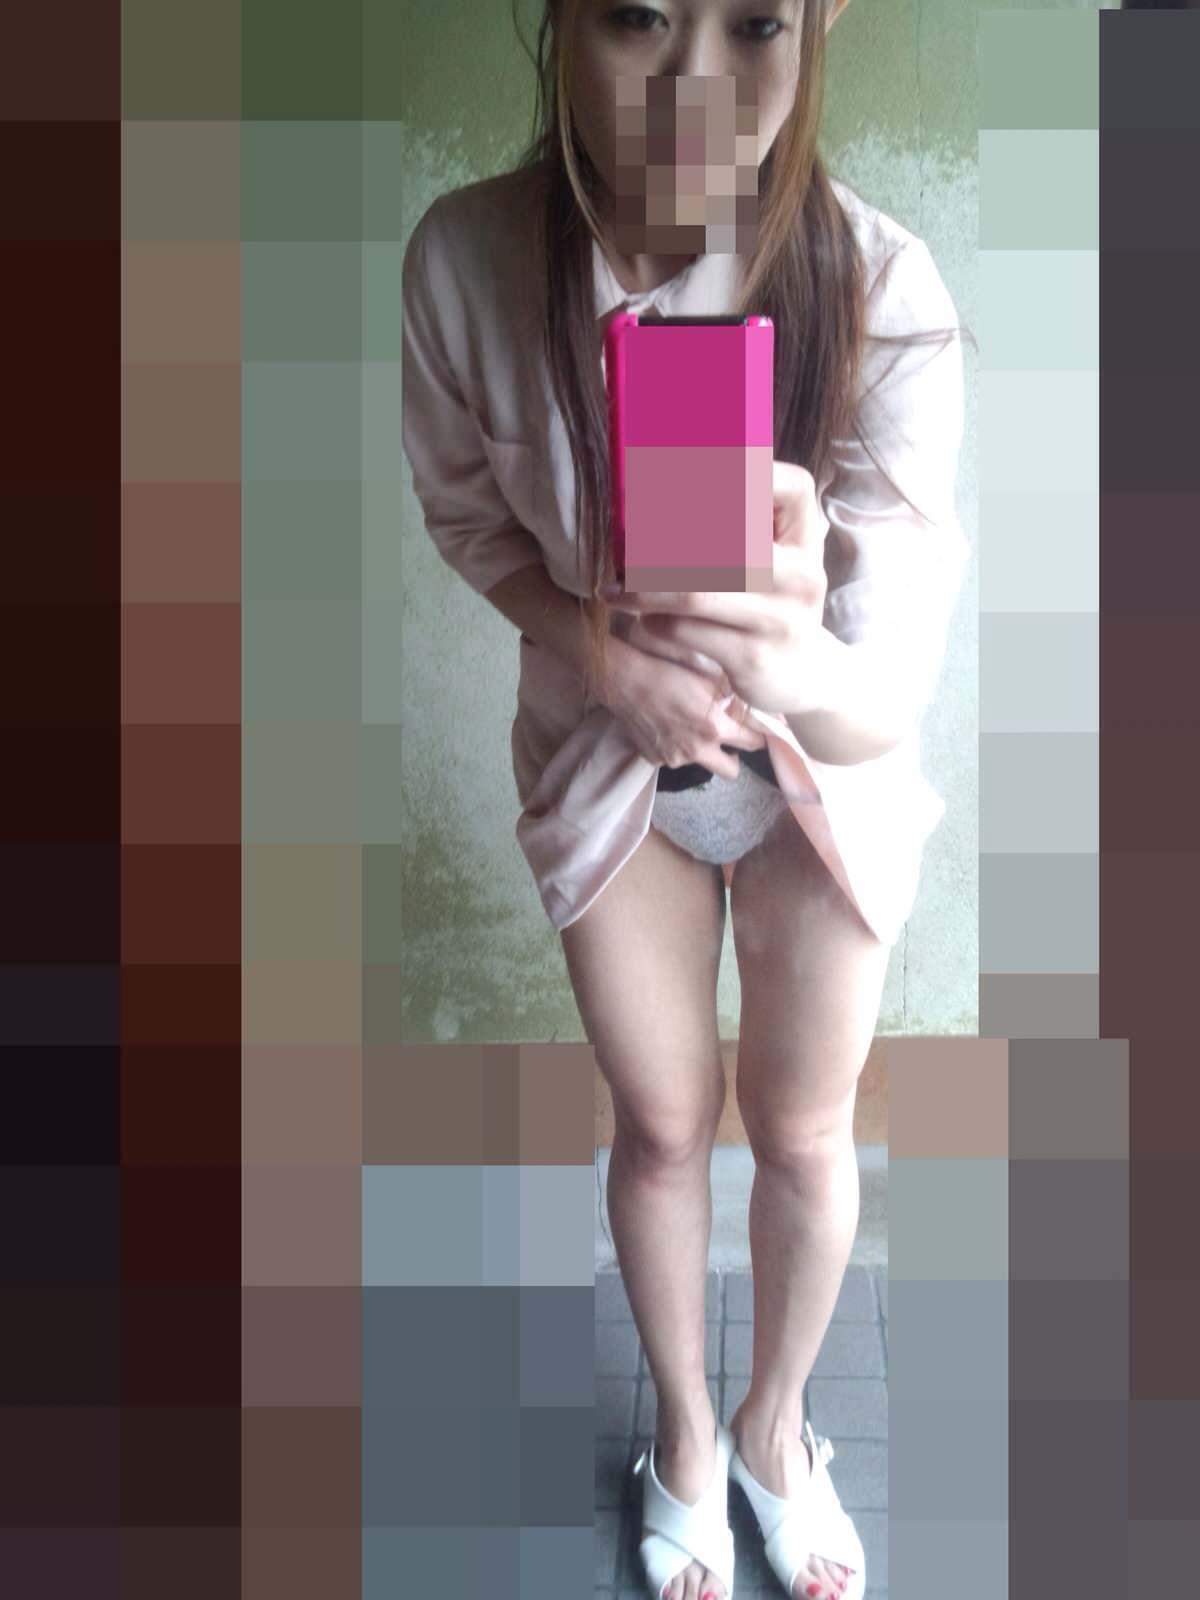 現役ナースの彼女を強制ハメ撮りしたヤバい画像がネットに流出wwwww 2103 1